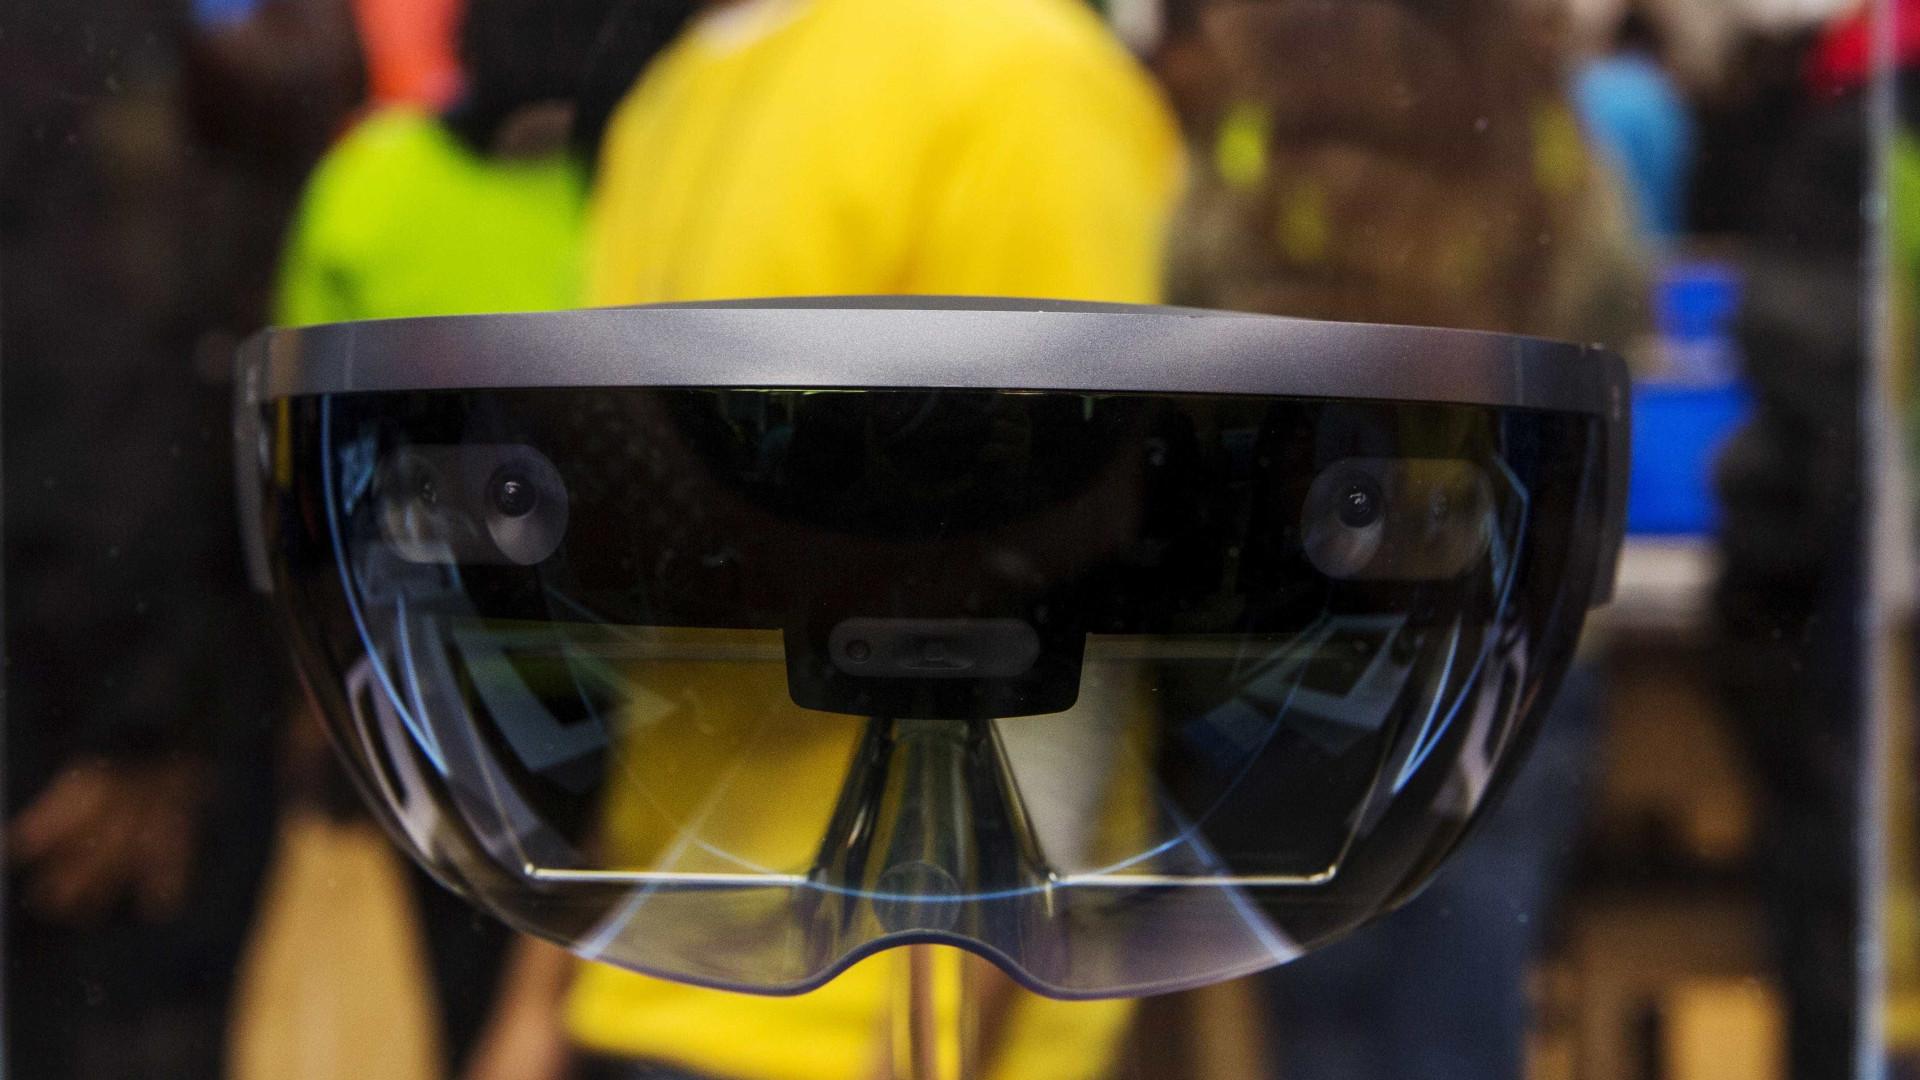 Começa amanhã o RALI, o evento dedicado à realidade aumentada